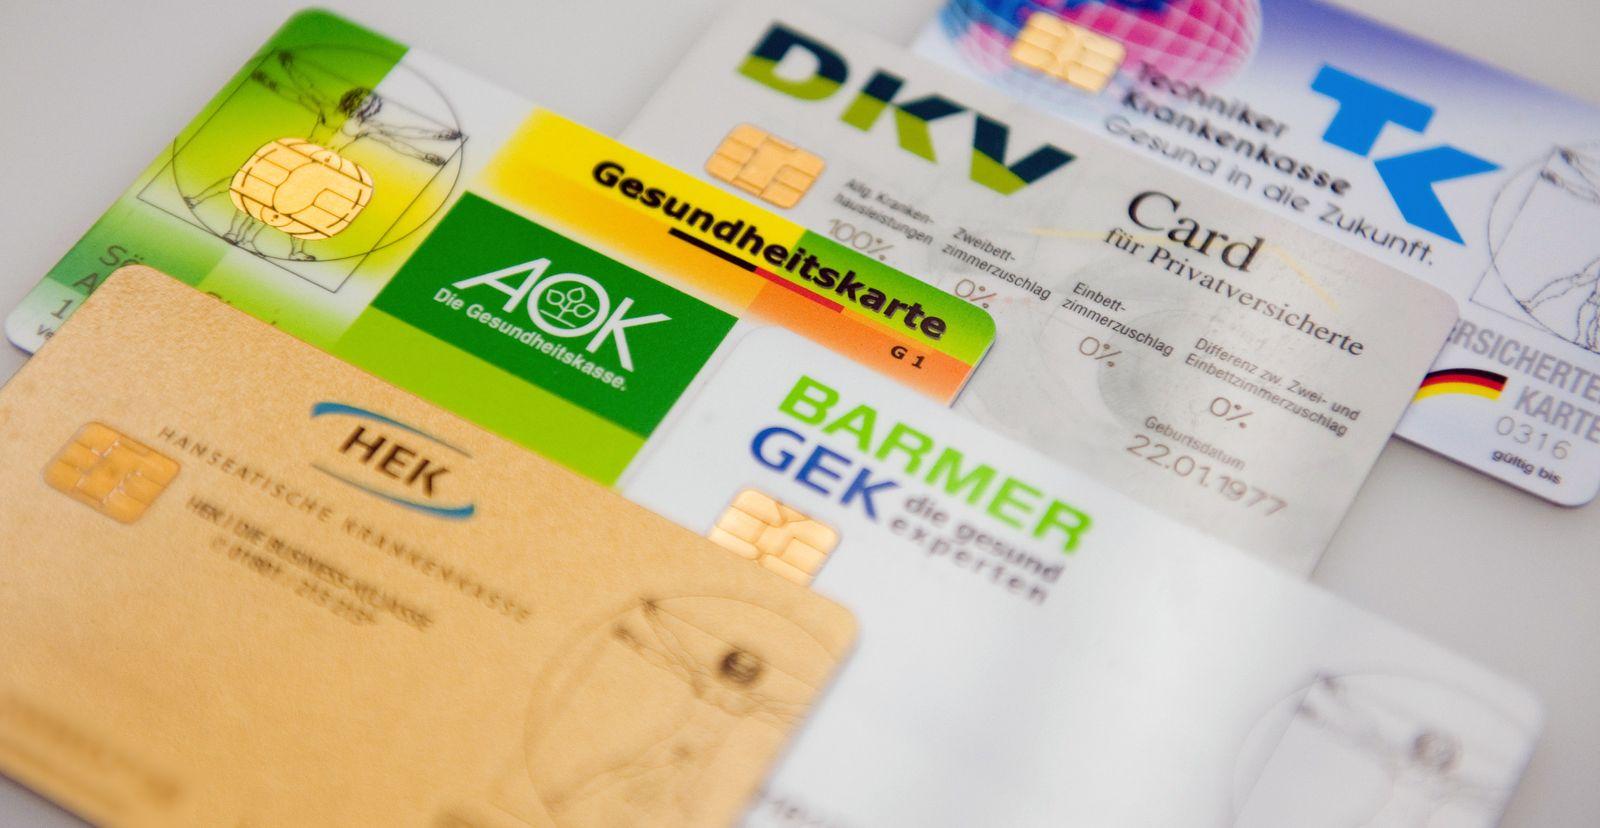 Krankenkassen / Gesundheitskarte / Krankenversicherung / Versicherten-Karten